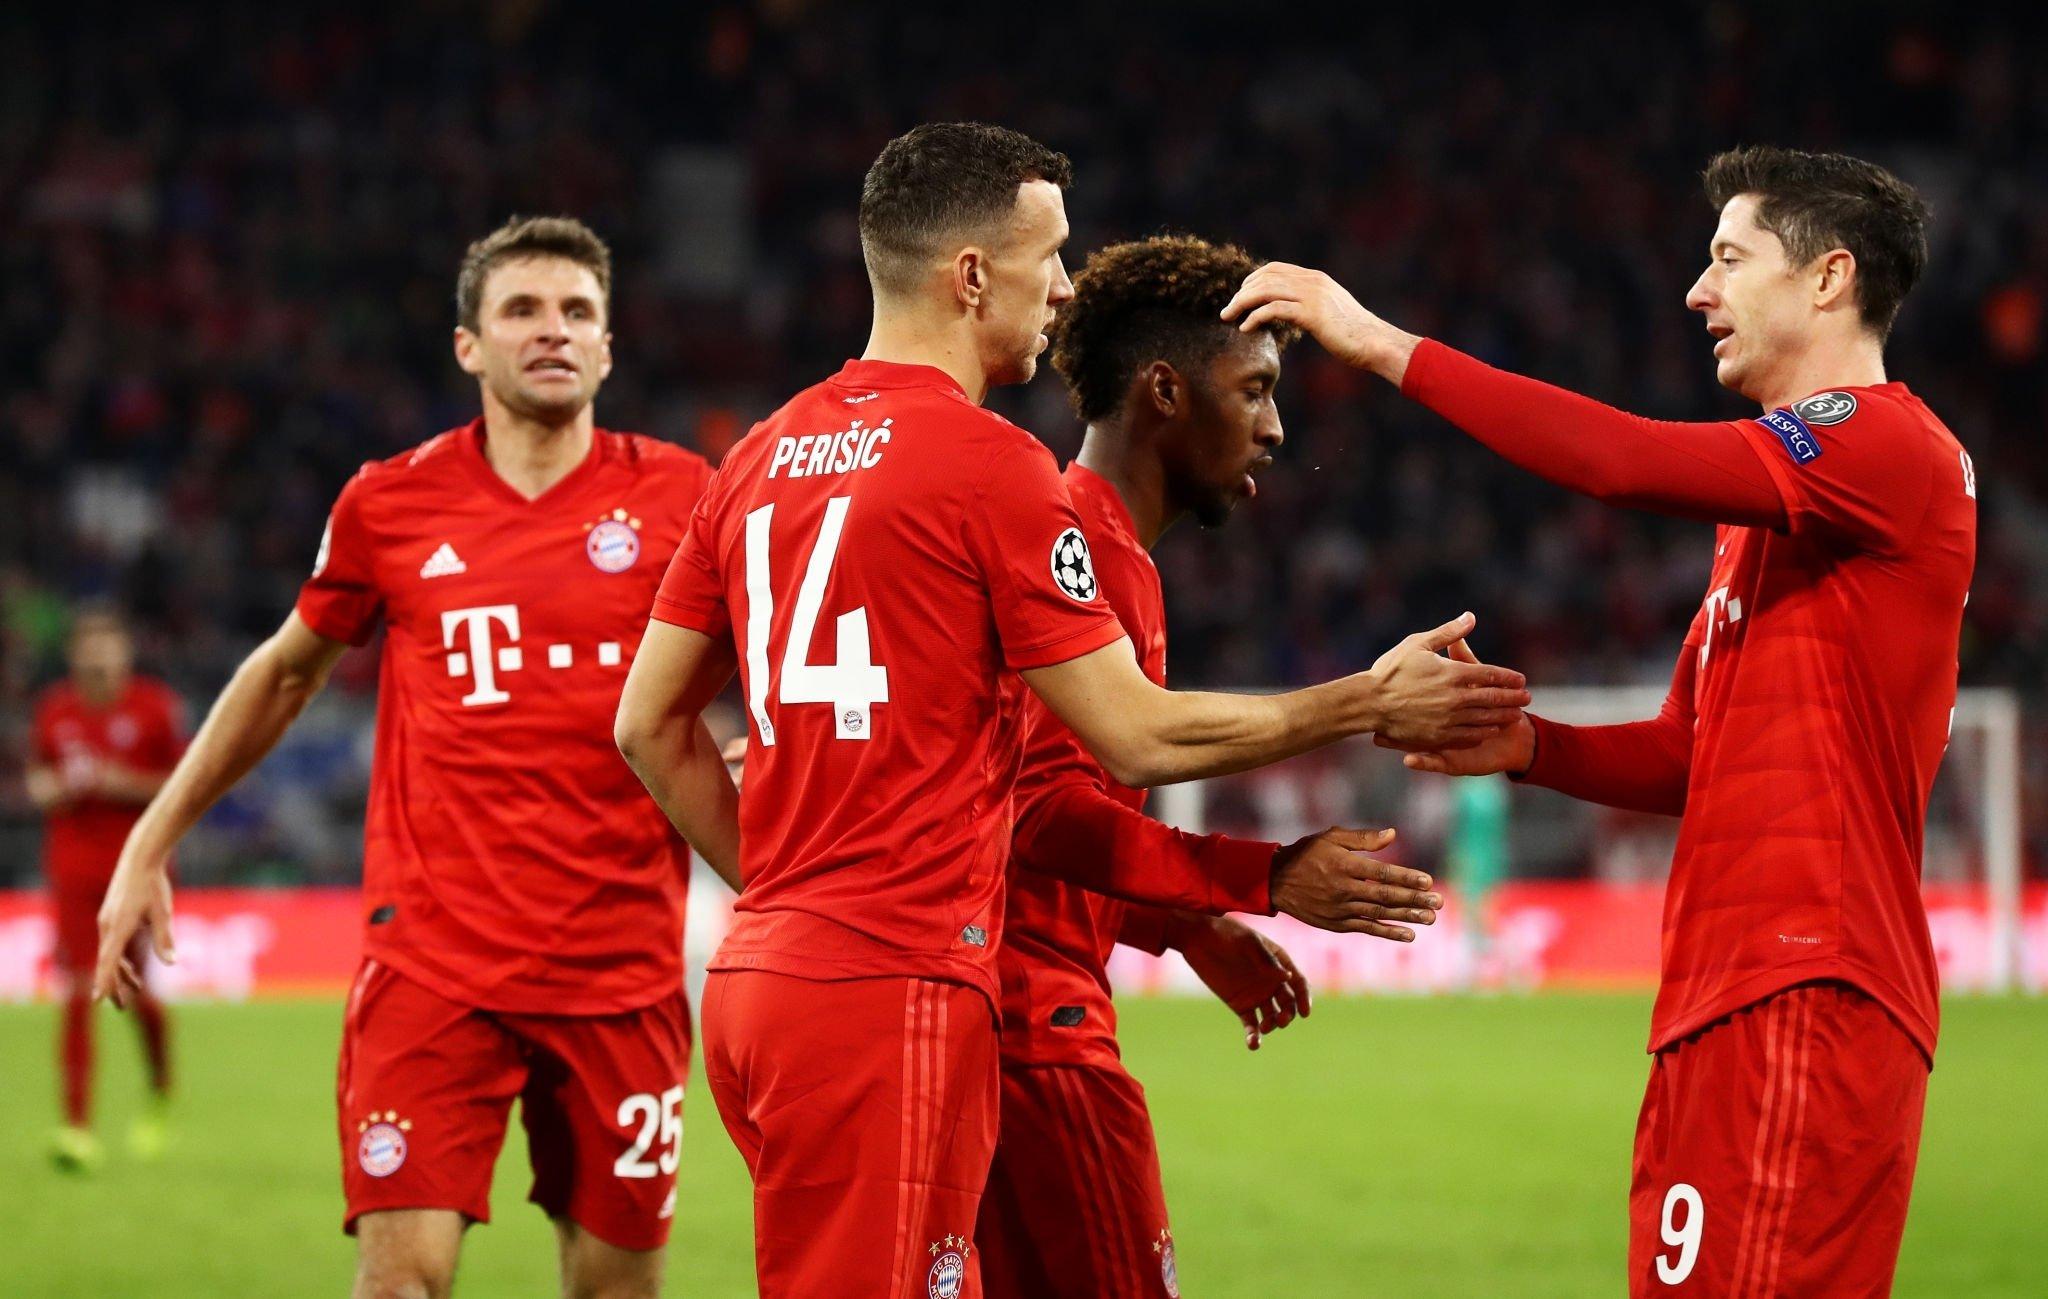 Бавария - Олимпиакос 2:0. Плей-офф плей-оффом, но игровые проблемы не исчезли - изображение 3